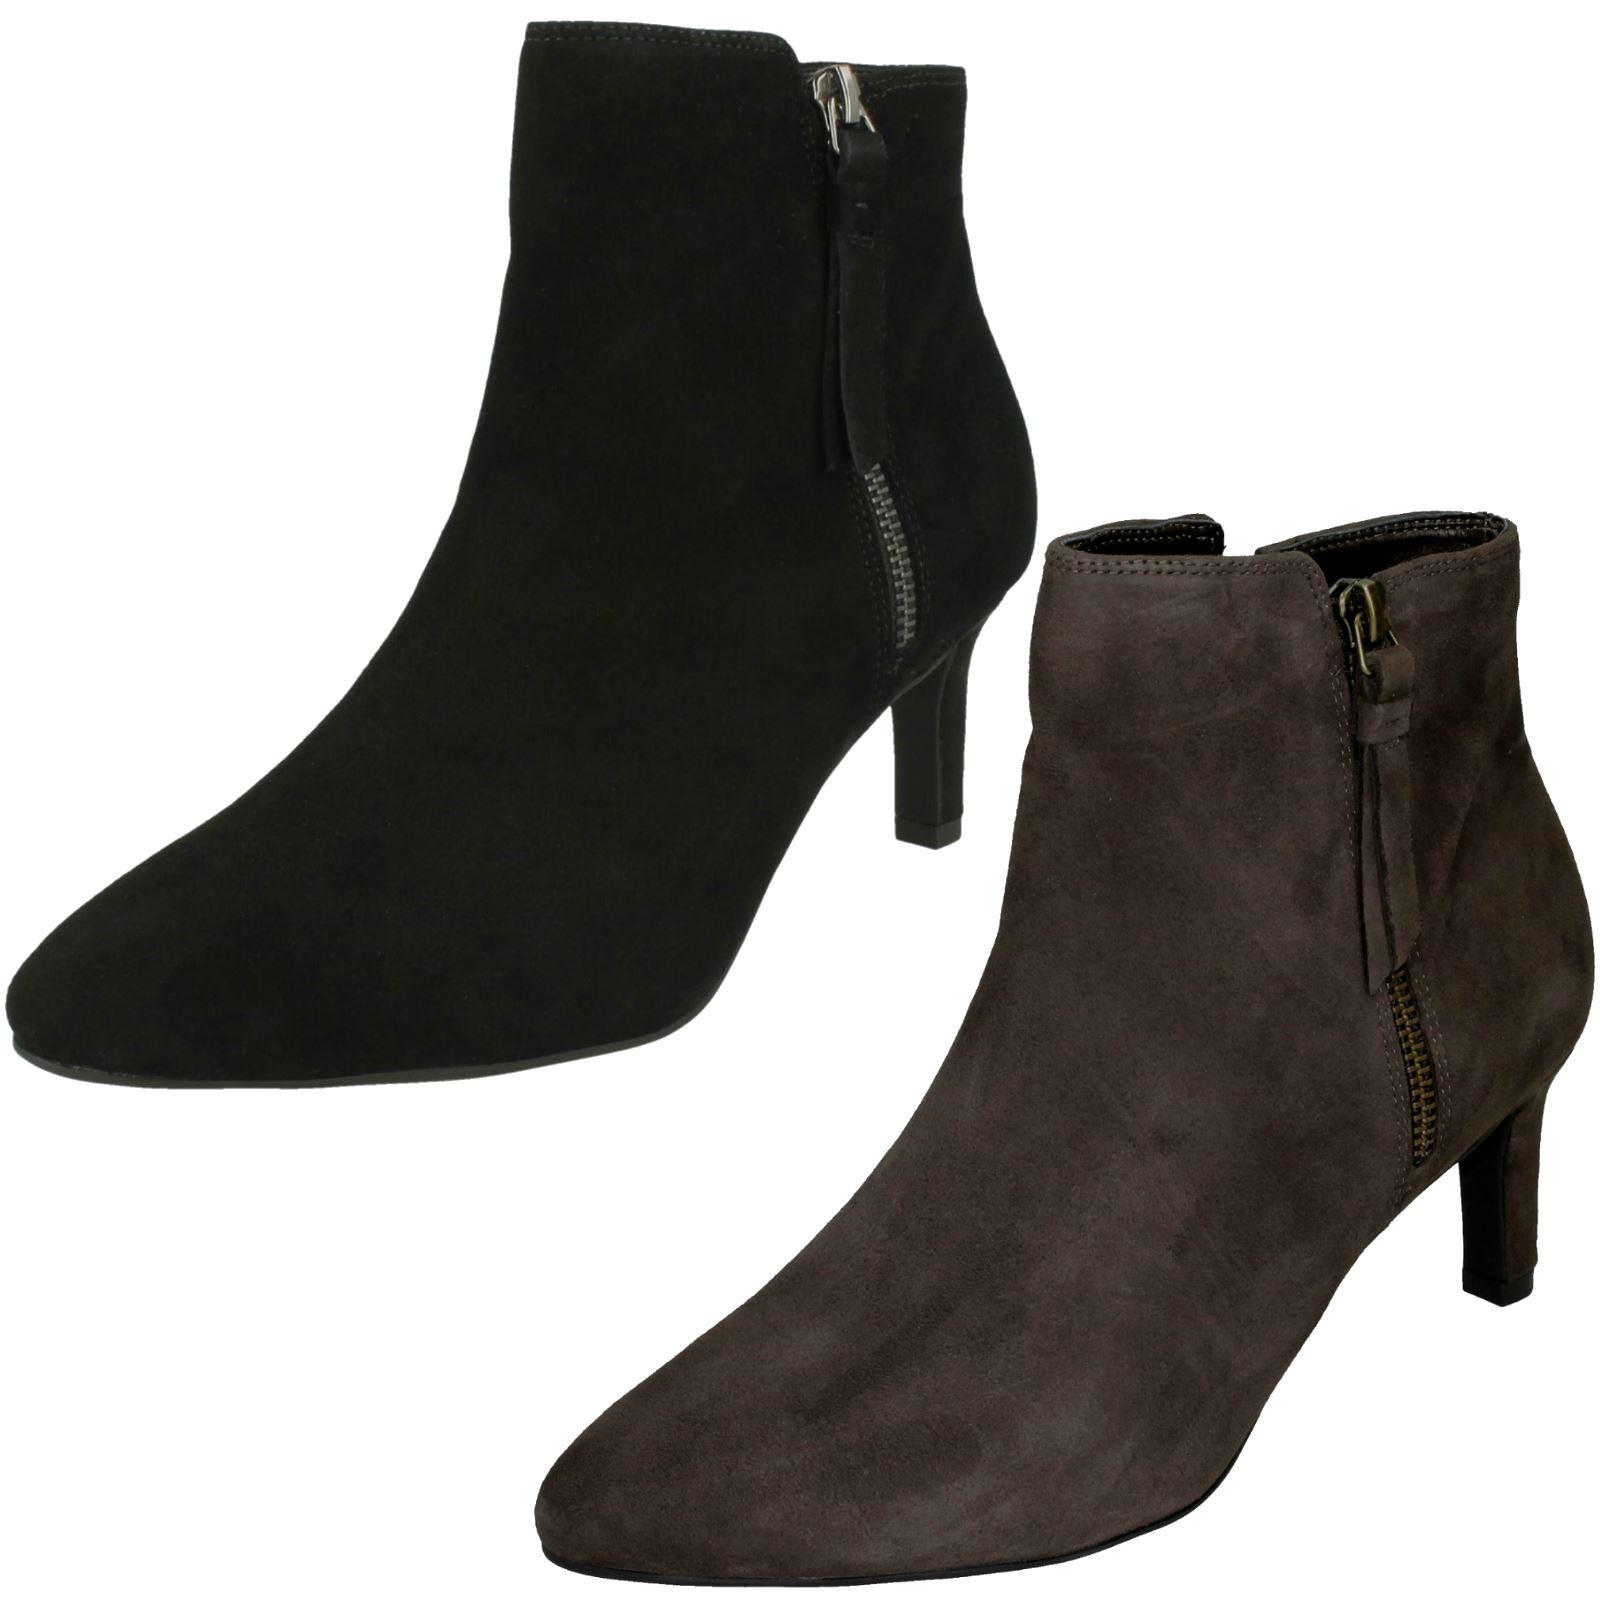 einzigartiges Design am besten authentisch kommt an Details about Ladies Clarks Heeled Ankle Boots 'Calla Blossom'